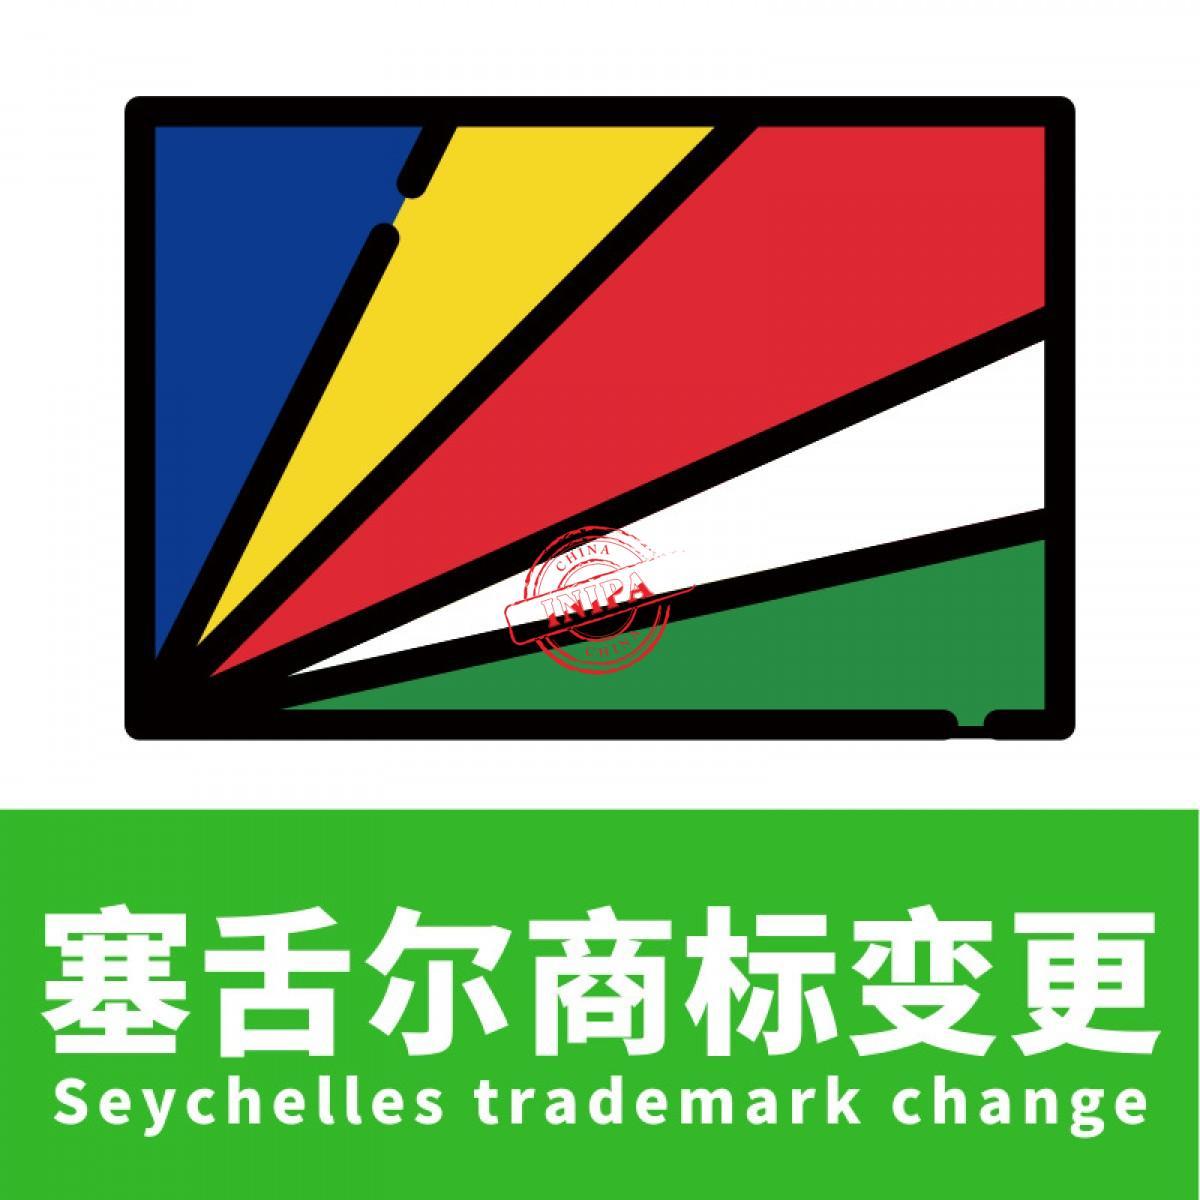 塞舌尔商标变更/Seychelles trademark change